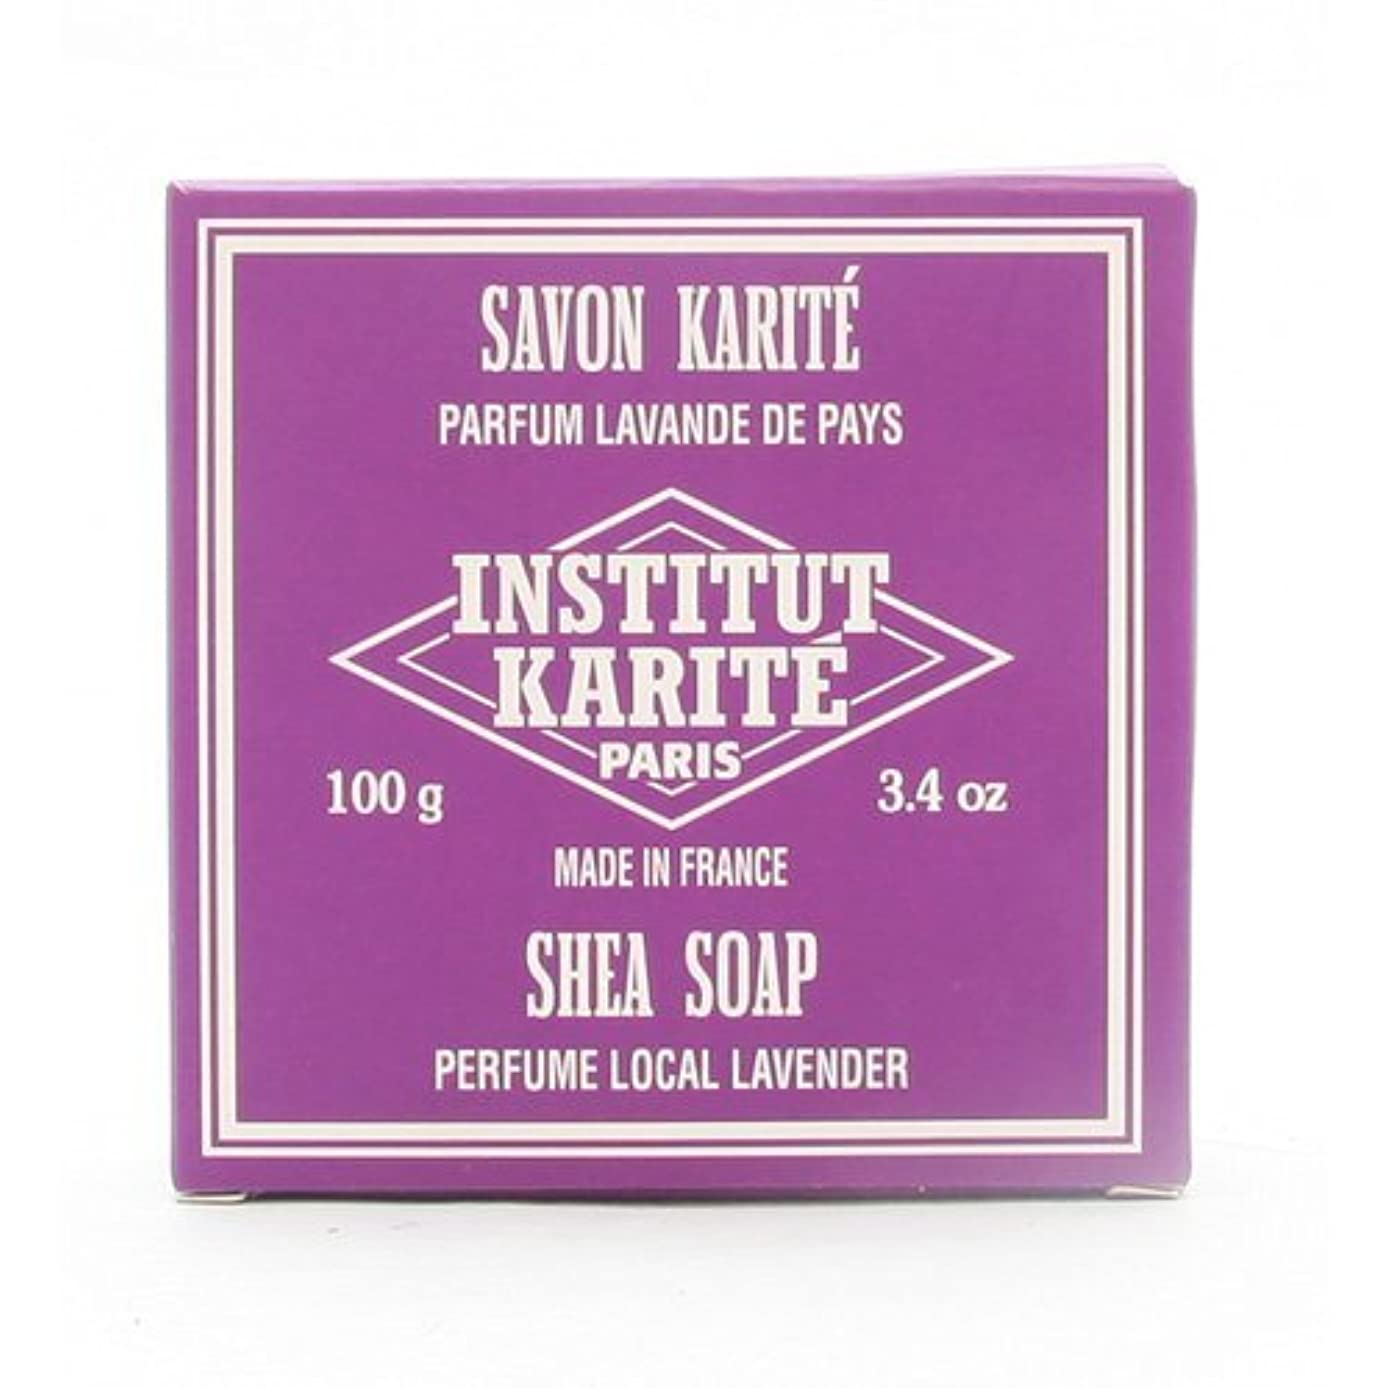 三番島雄弁INSTITUT KARITE インスティテュート カリテ 25% Extra Gentle Soap ジェントルソープ 100g Local Lavender ローカルラベンダー